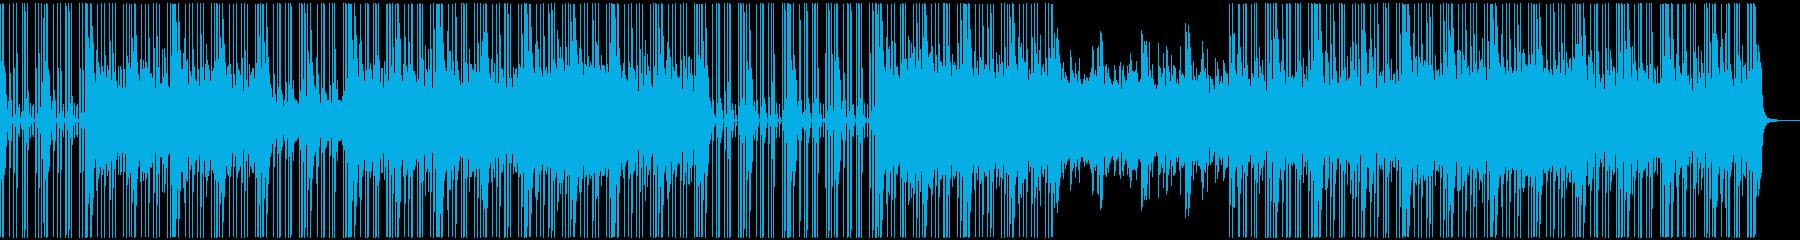 ダークなHIPHOP系トラックの再生済みの波形